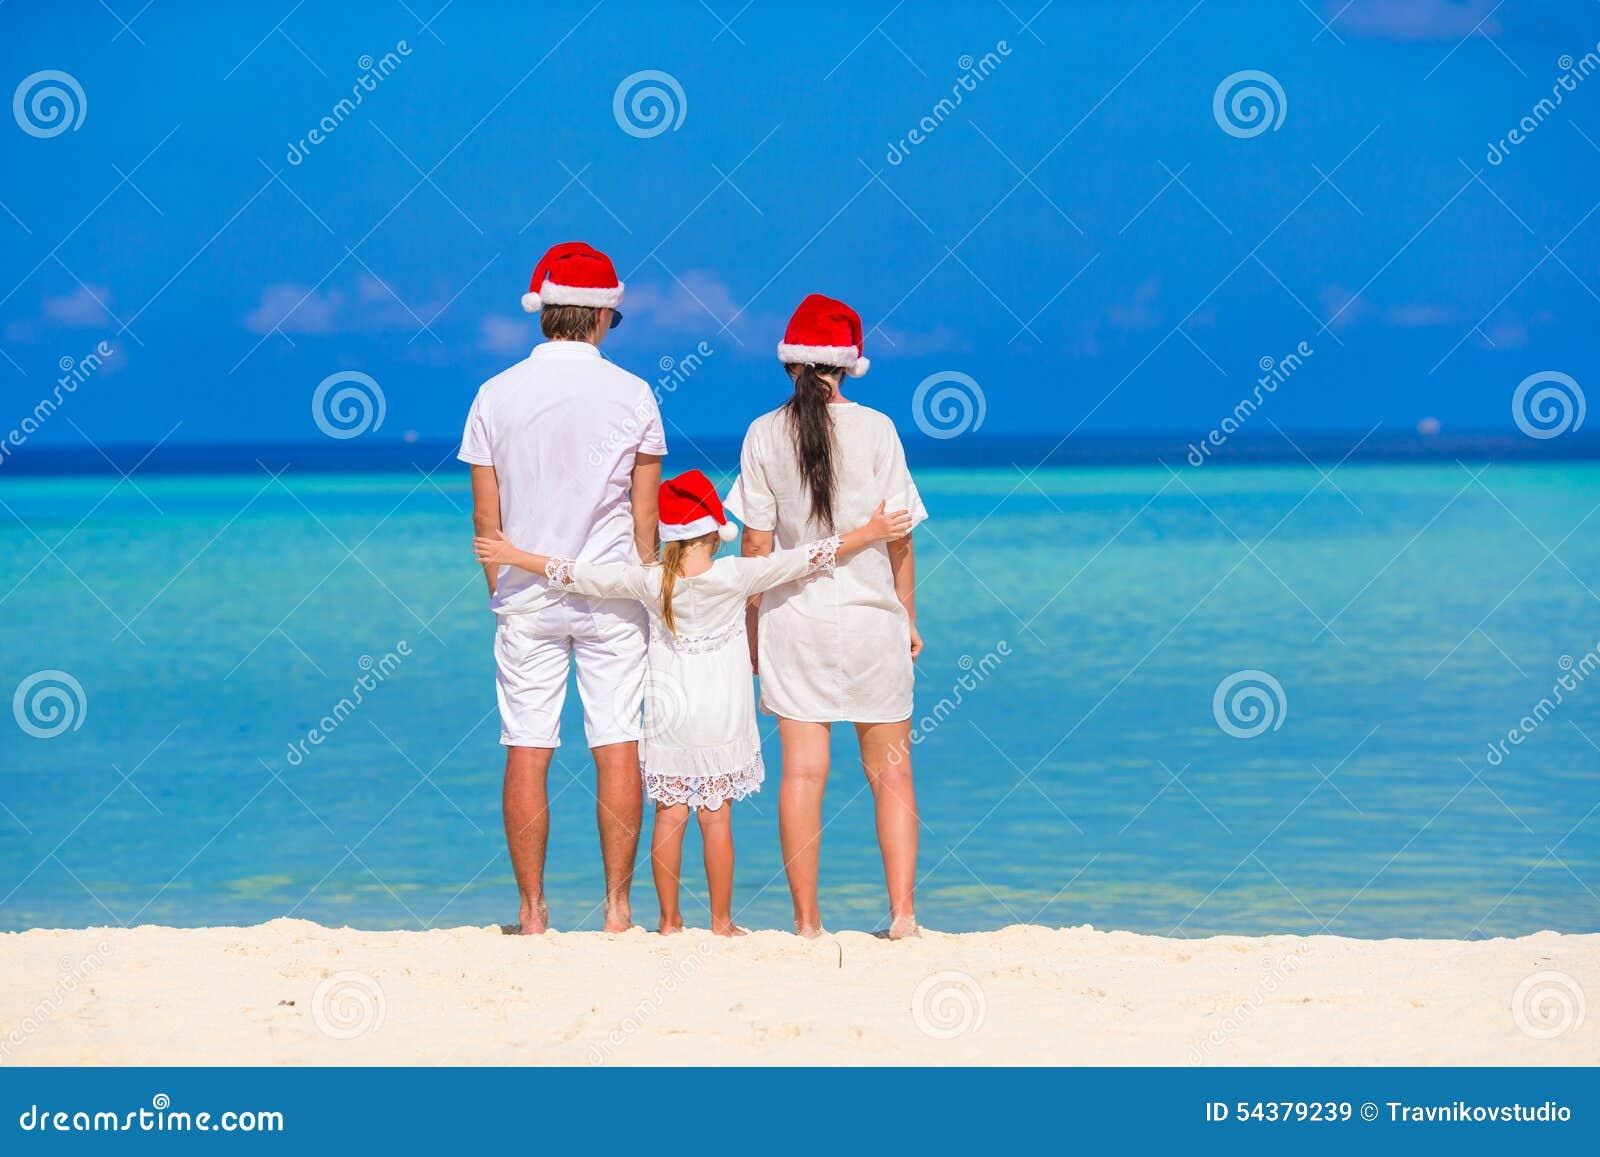 Glückliche dreiköpfige Familie in Santa Hats während